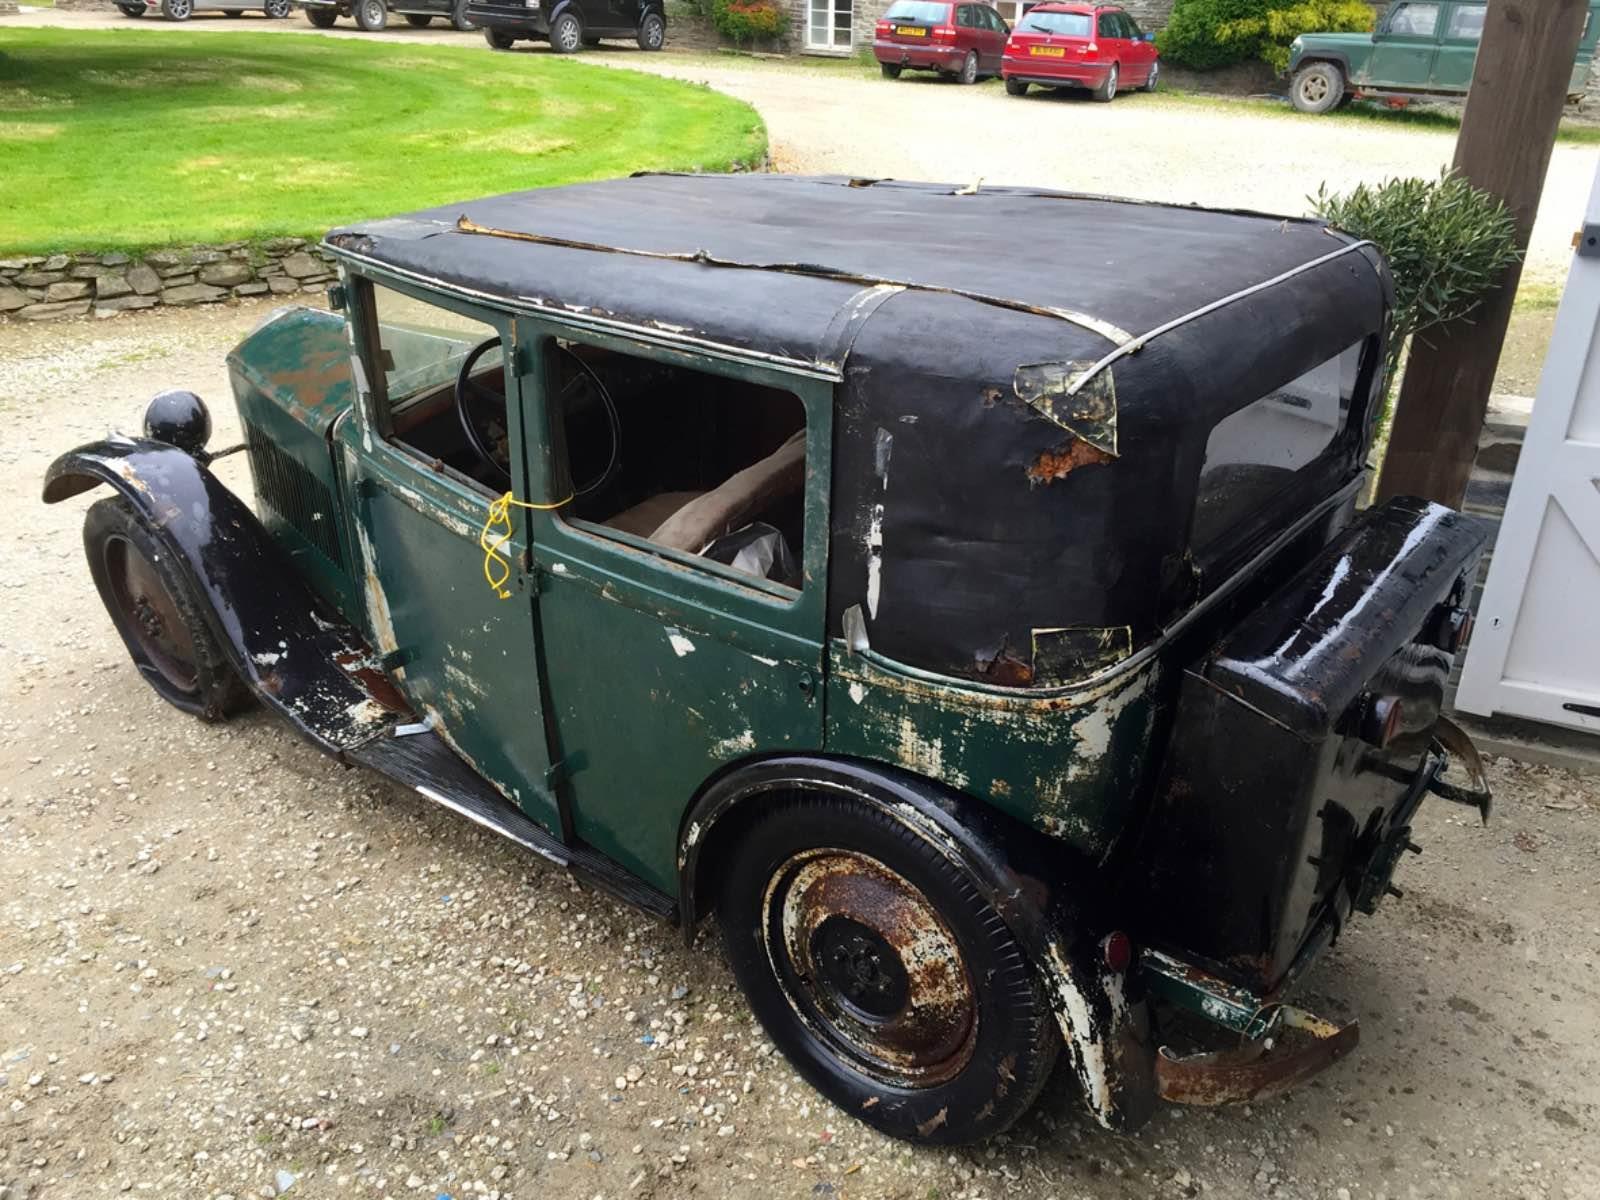 Un Mathis de 1931 sale de las sombras